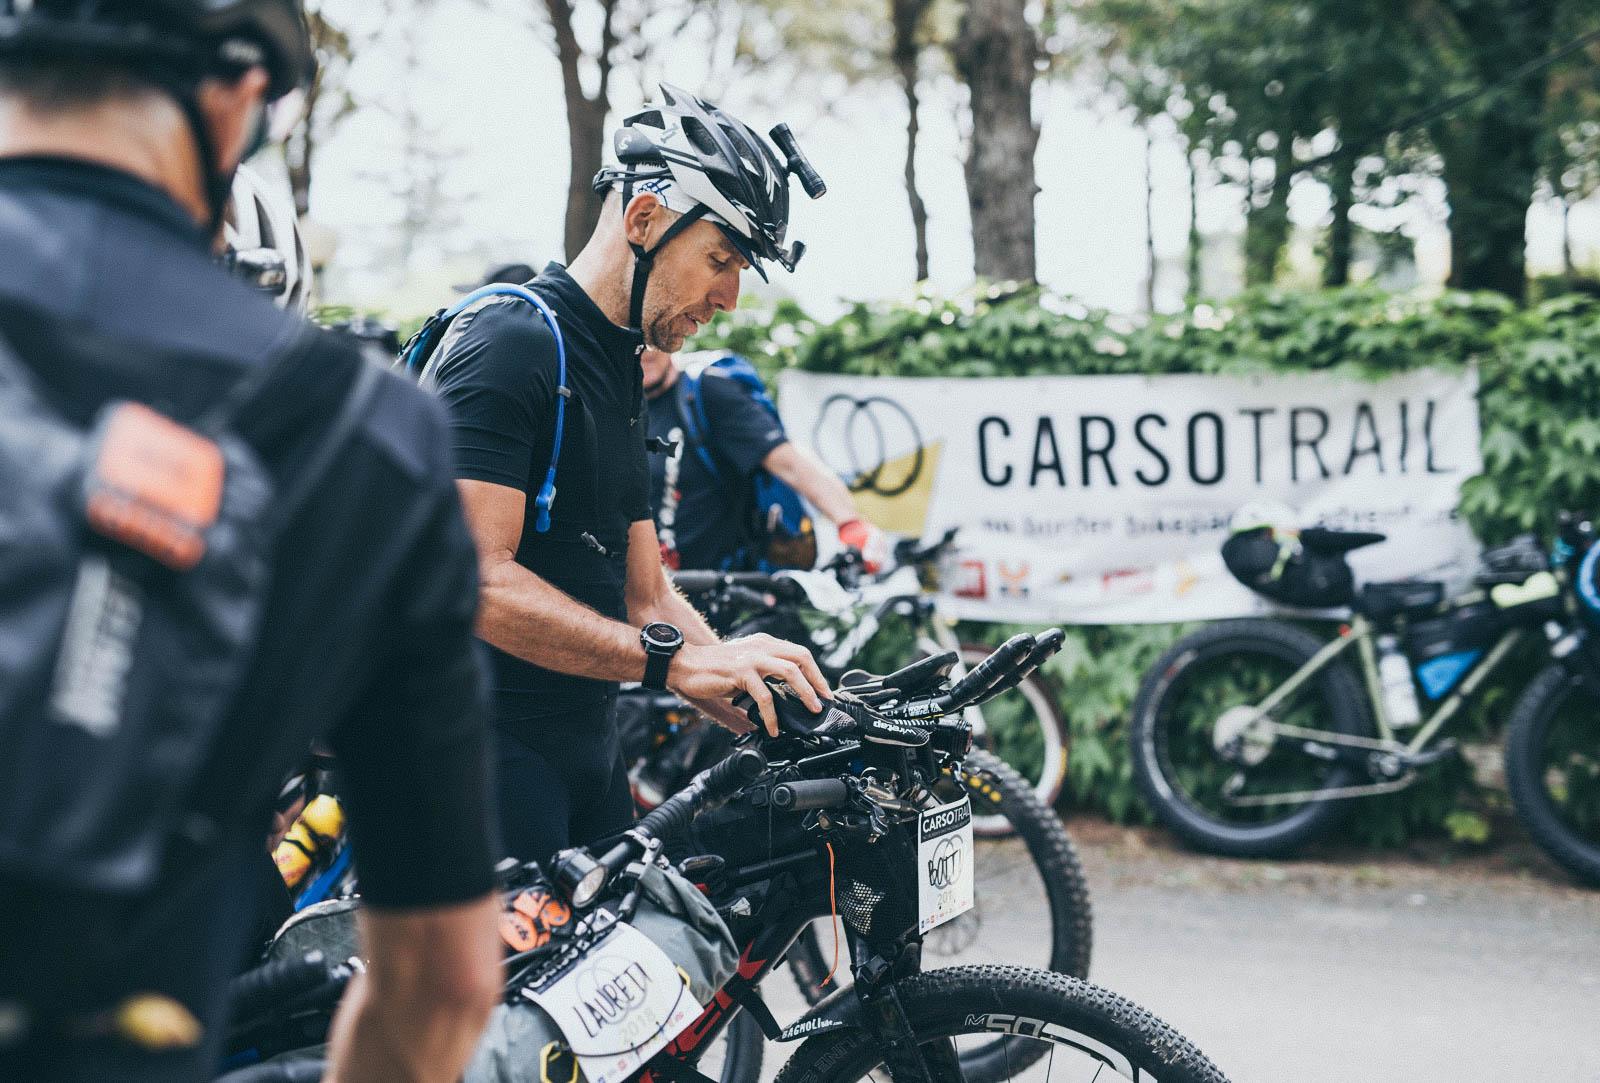 Partenza Carso Trail-19